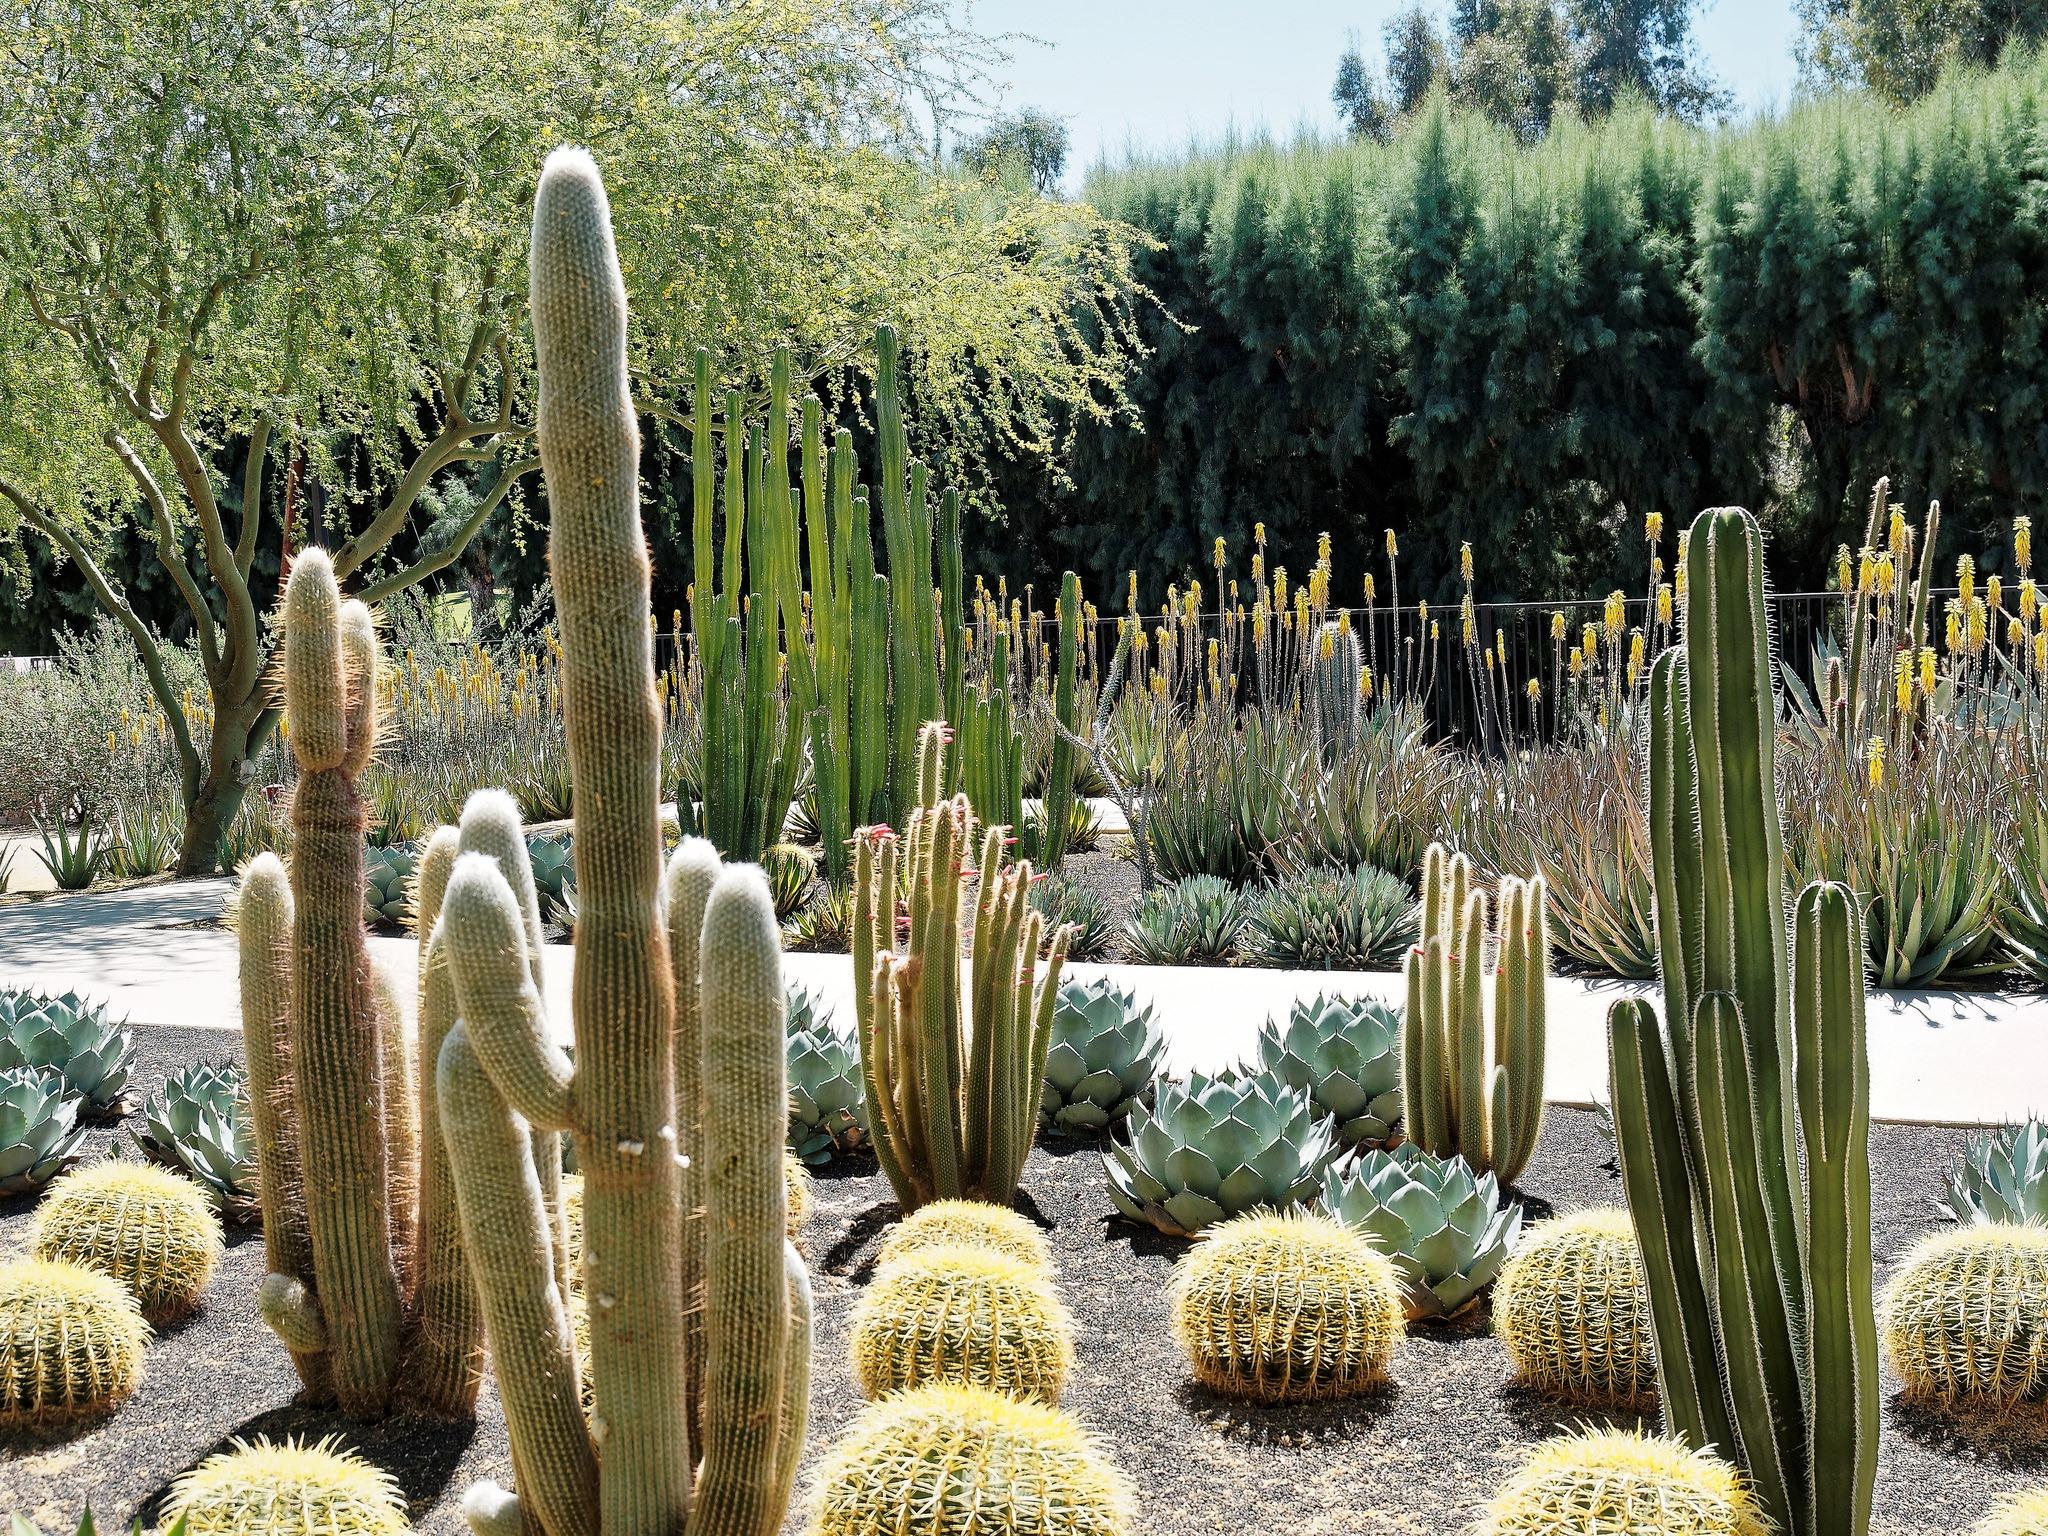 Cacti 101: How to grow a cactus garden in Southern California